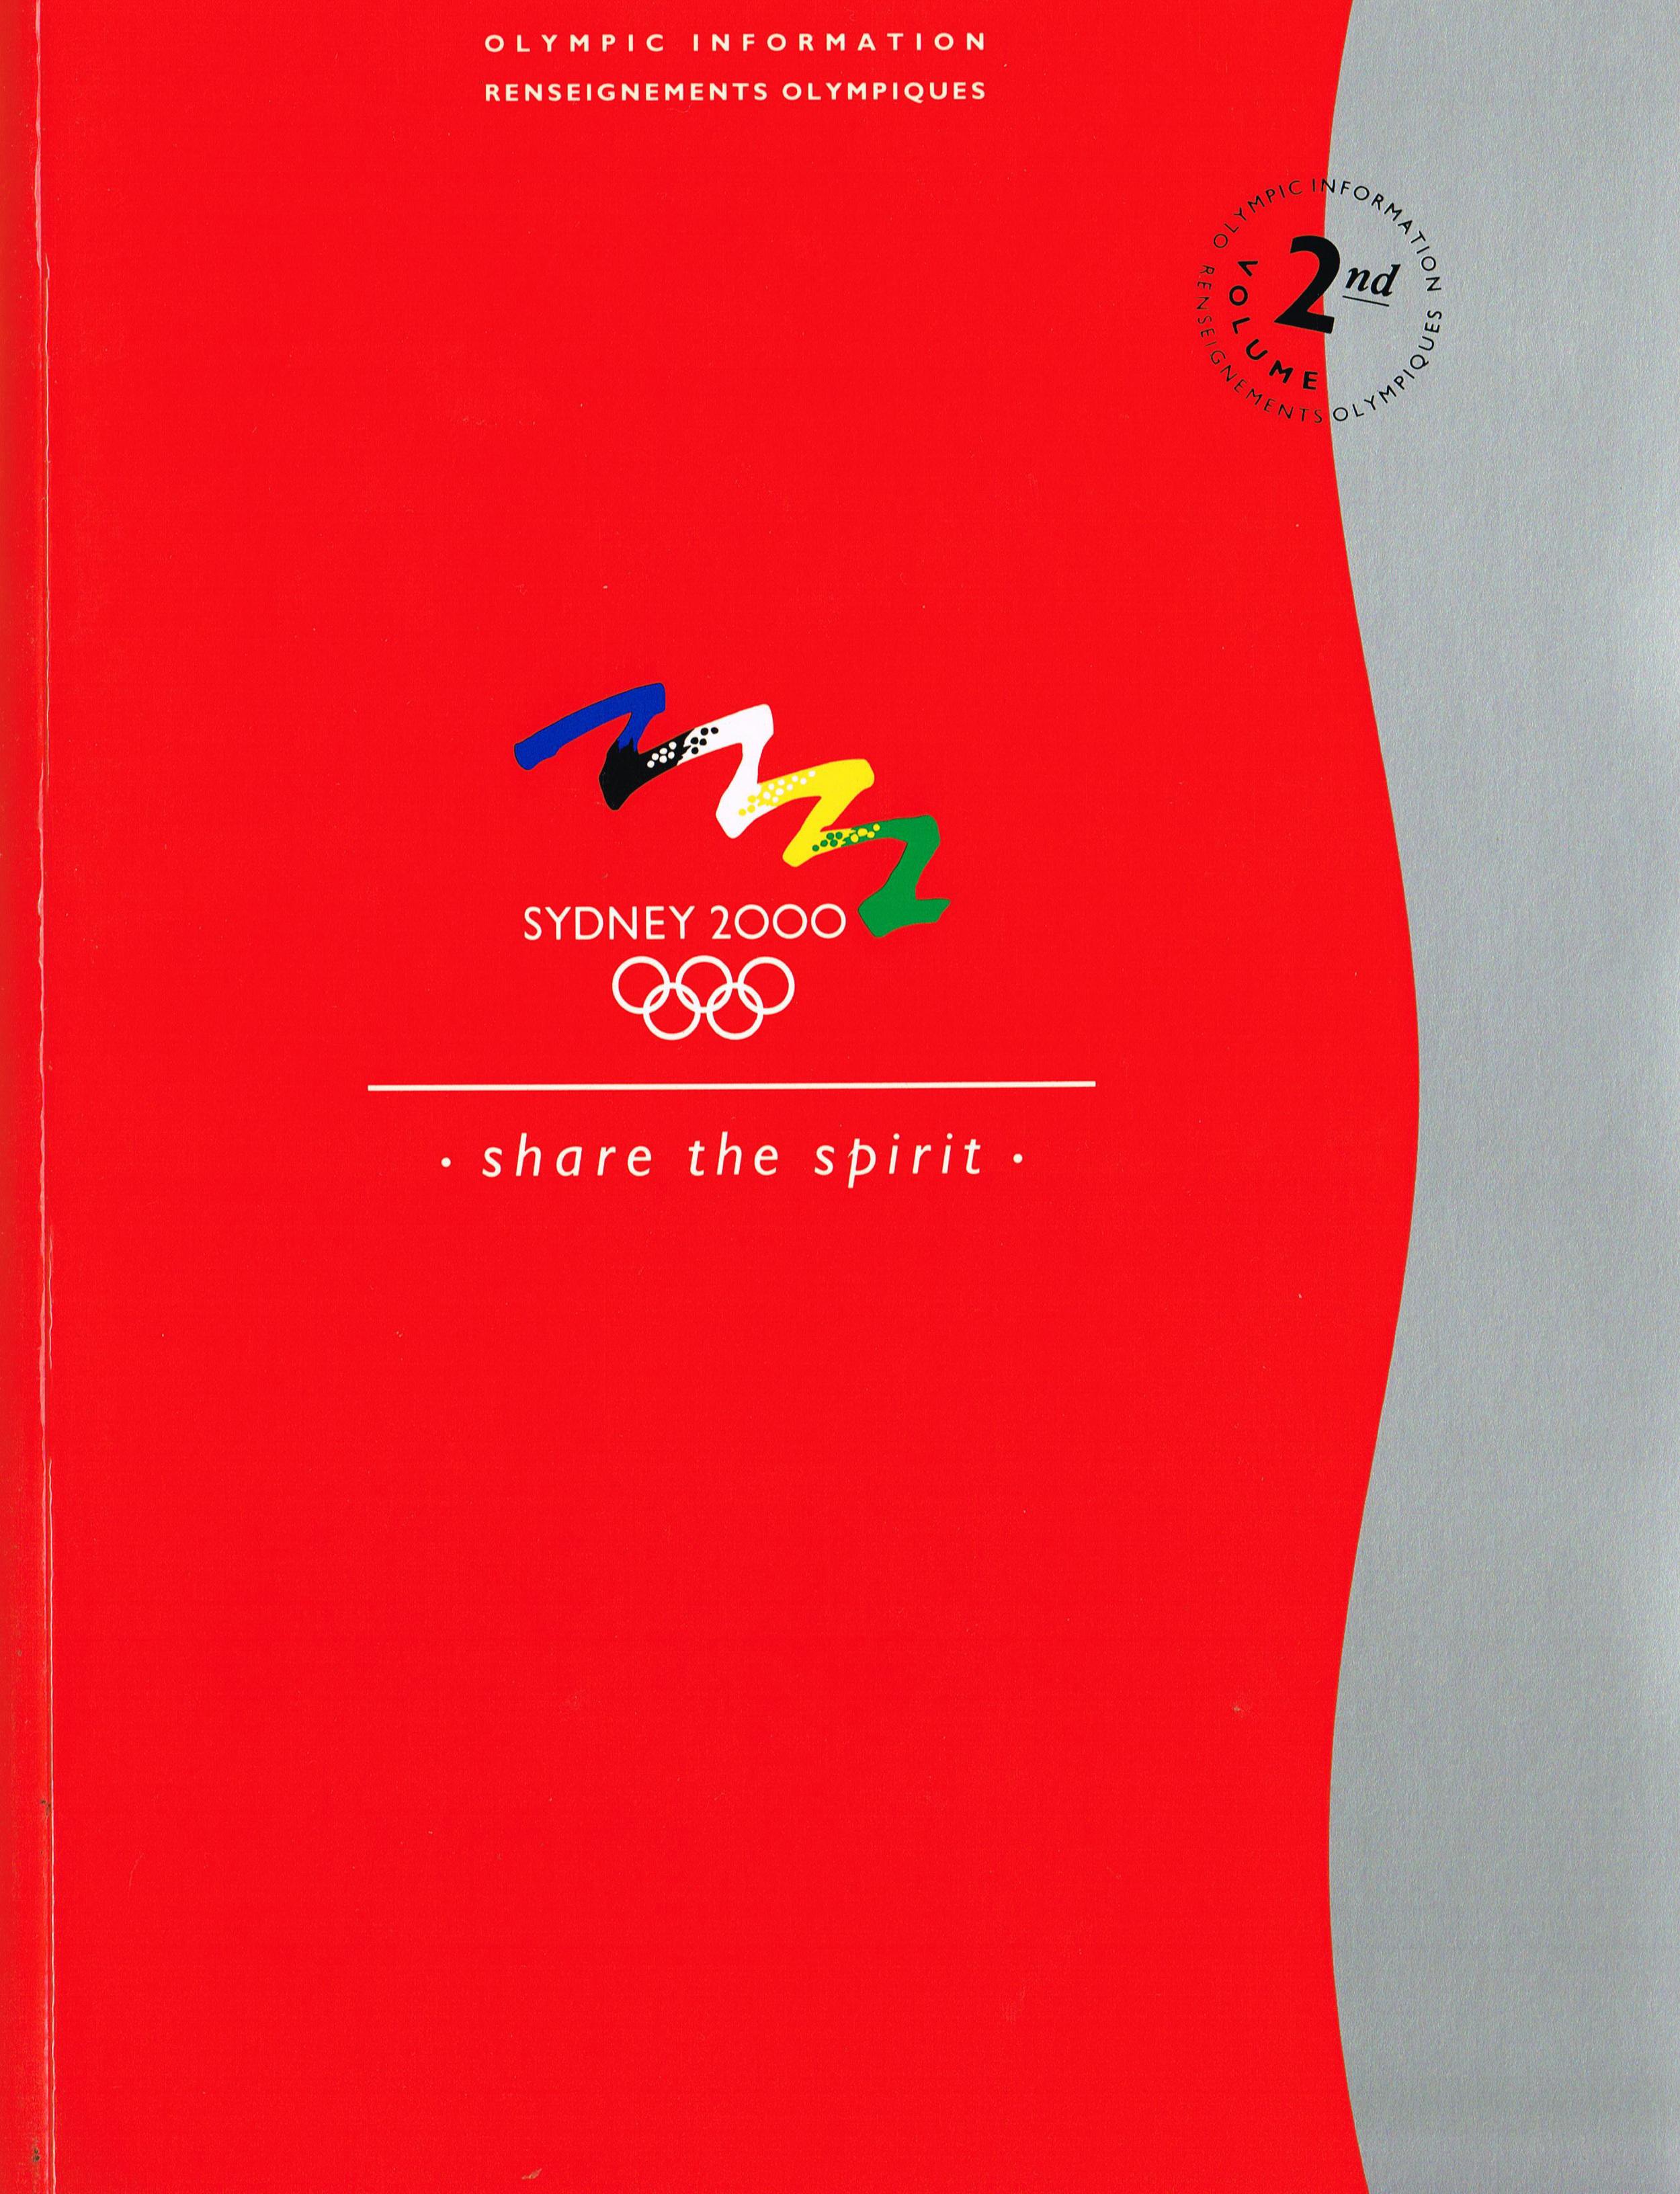 Sydney 2000 Olympic Bid.jpg